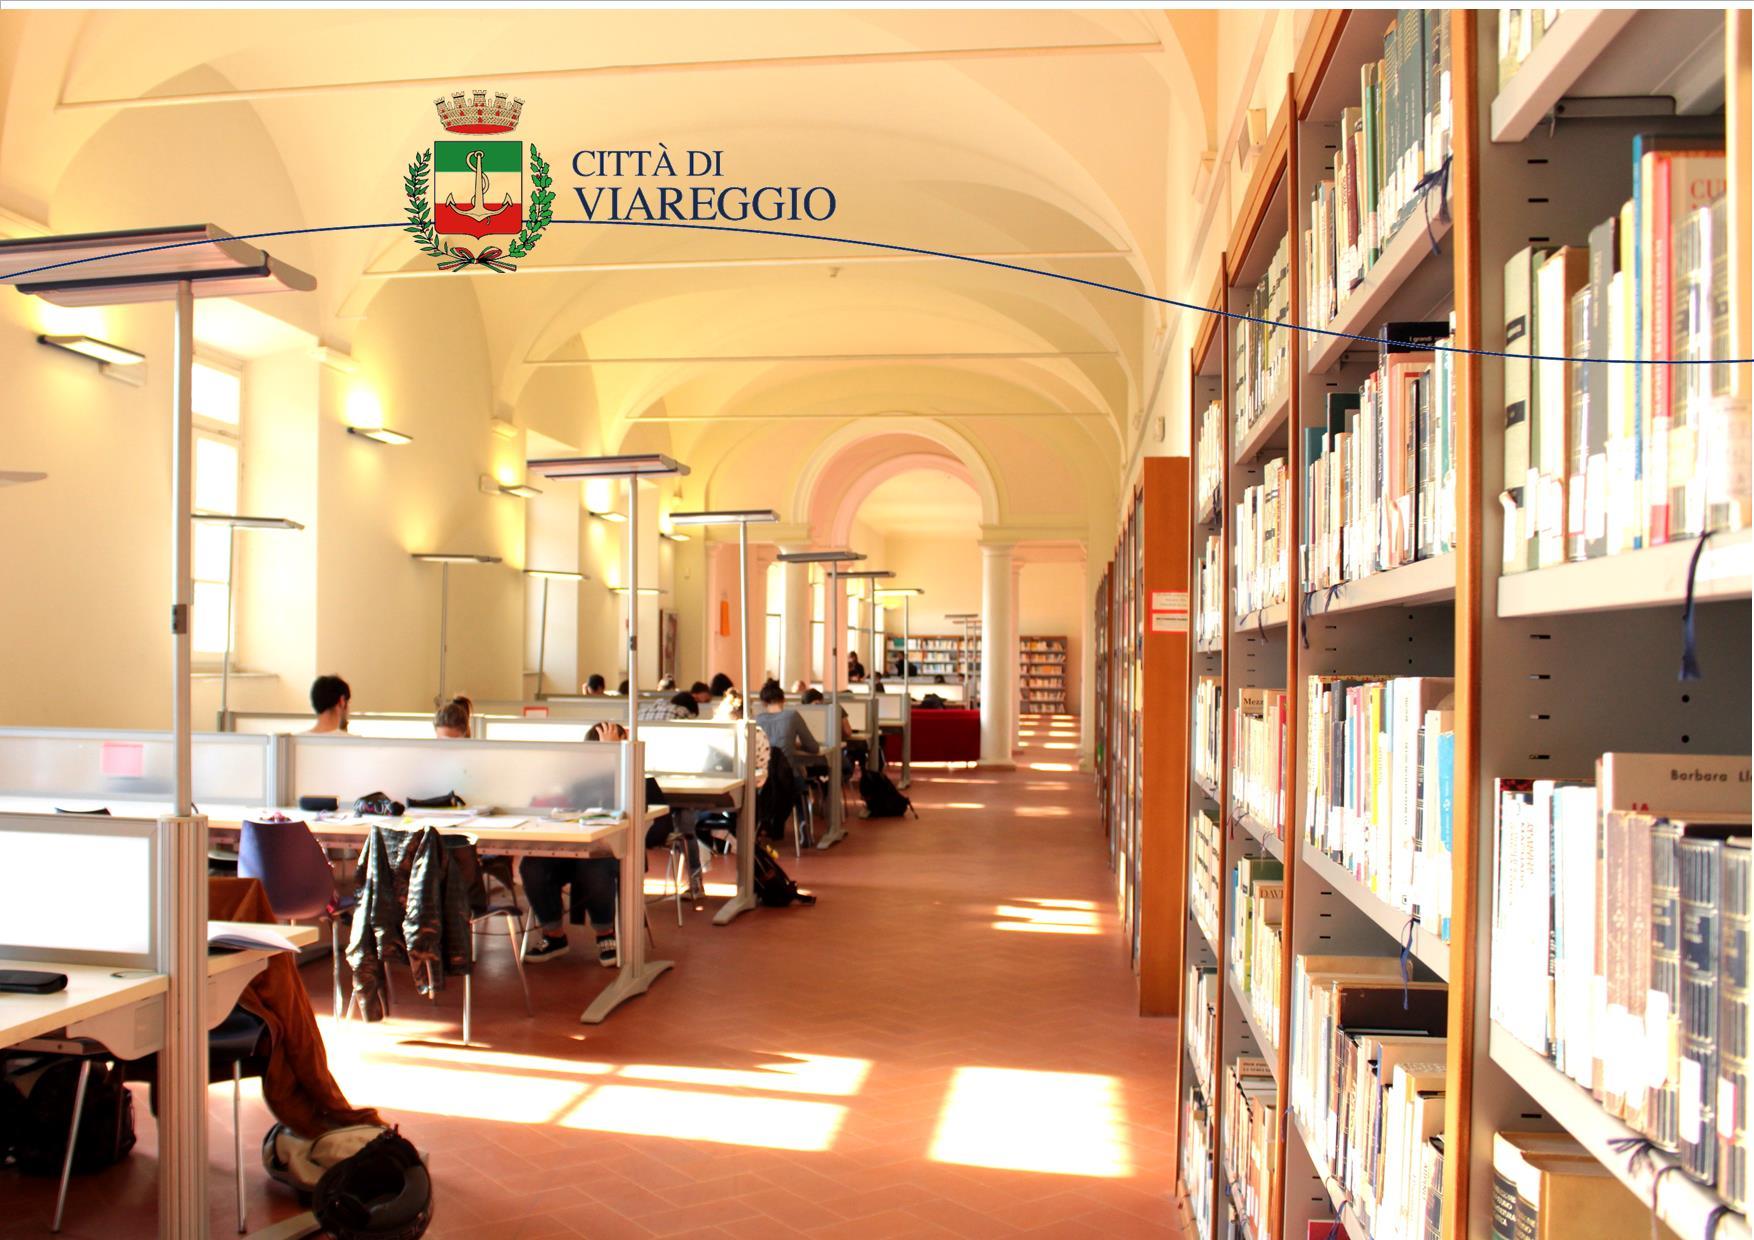 Cultura è rete, i progetti della biblioteca di Viareggio on line. Ripartito il servizio prestiti